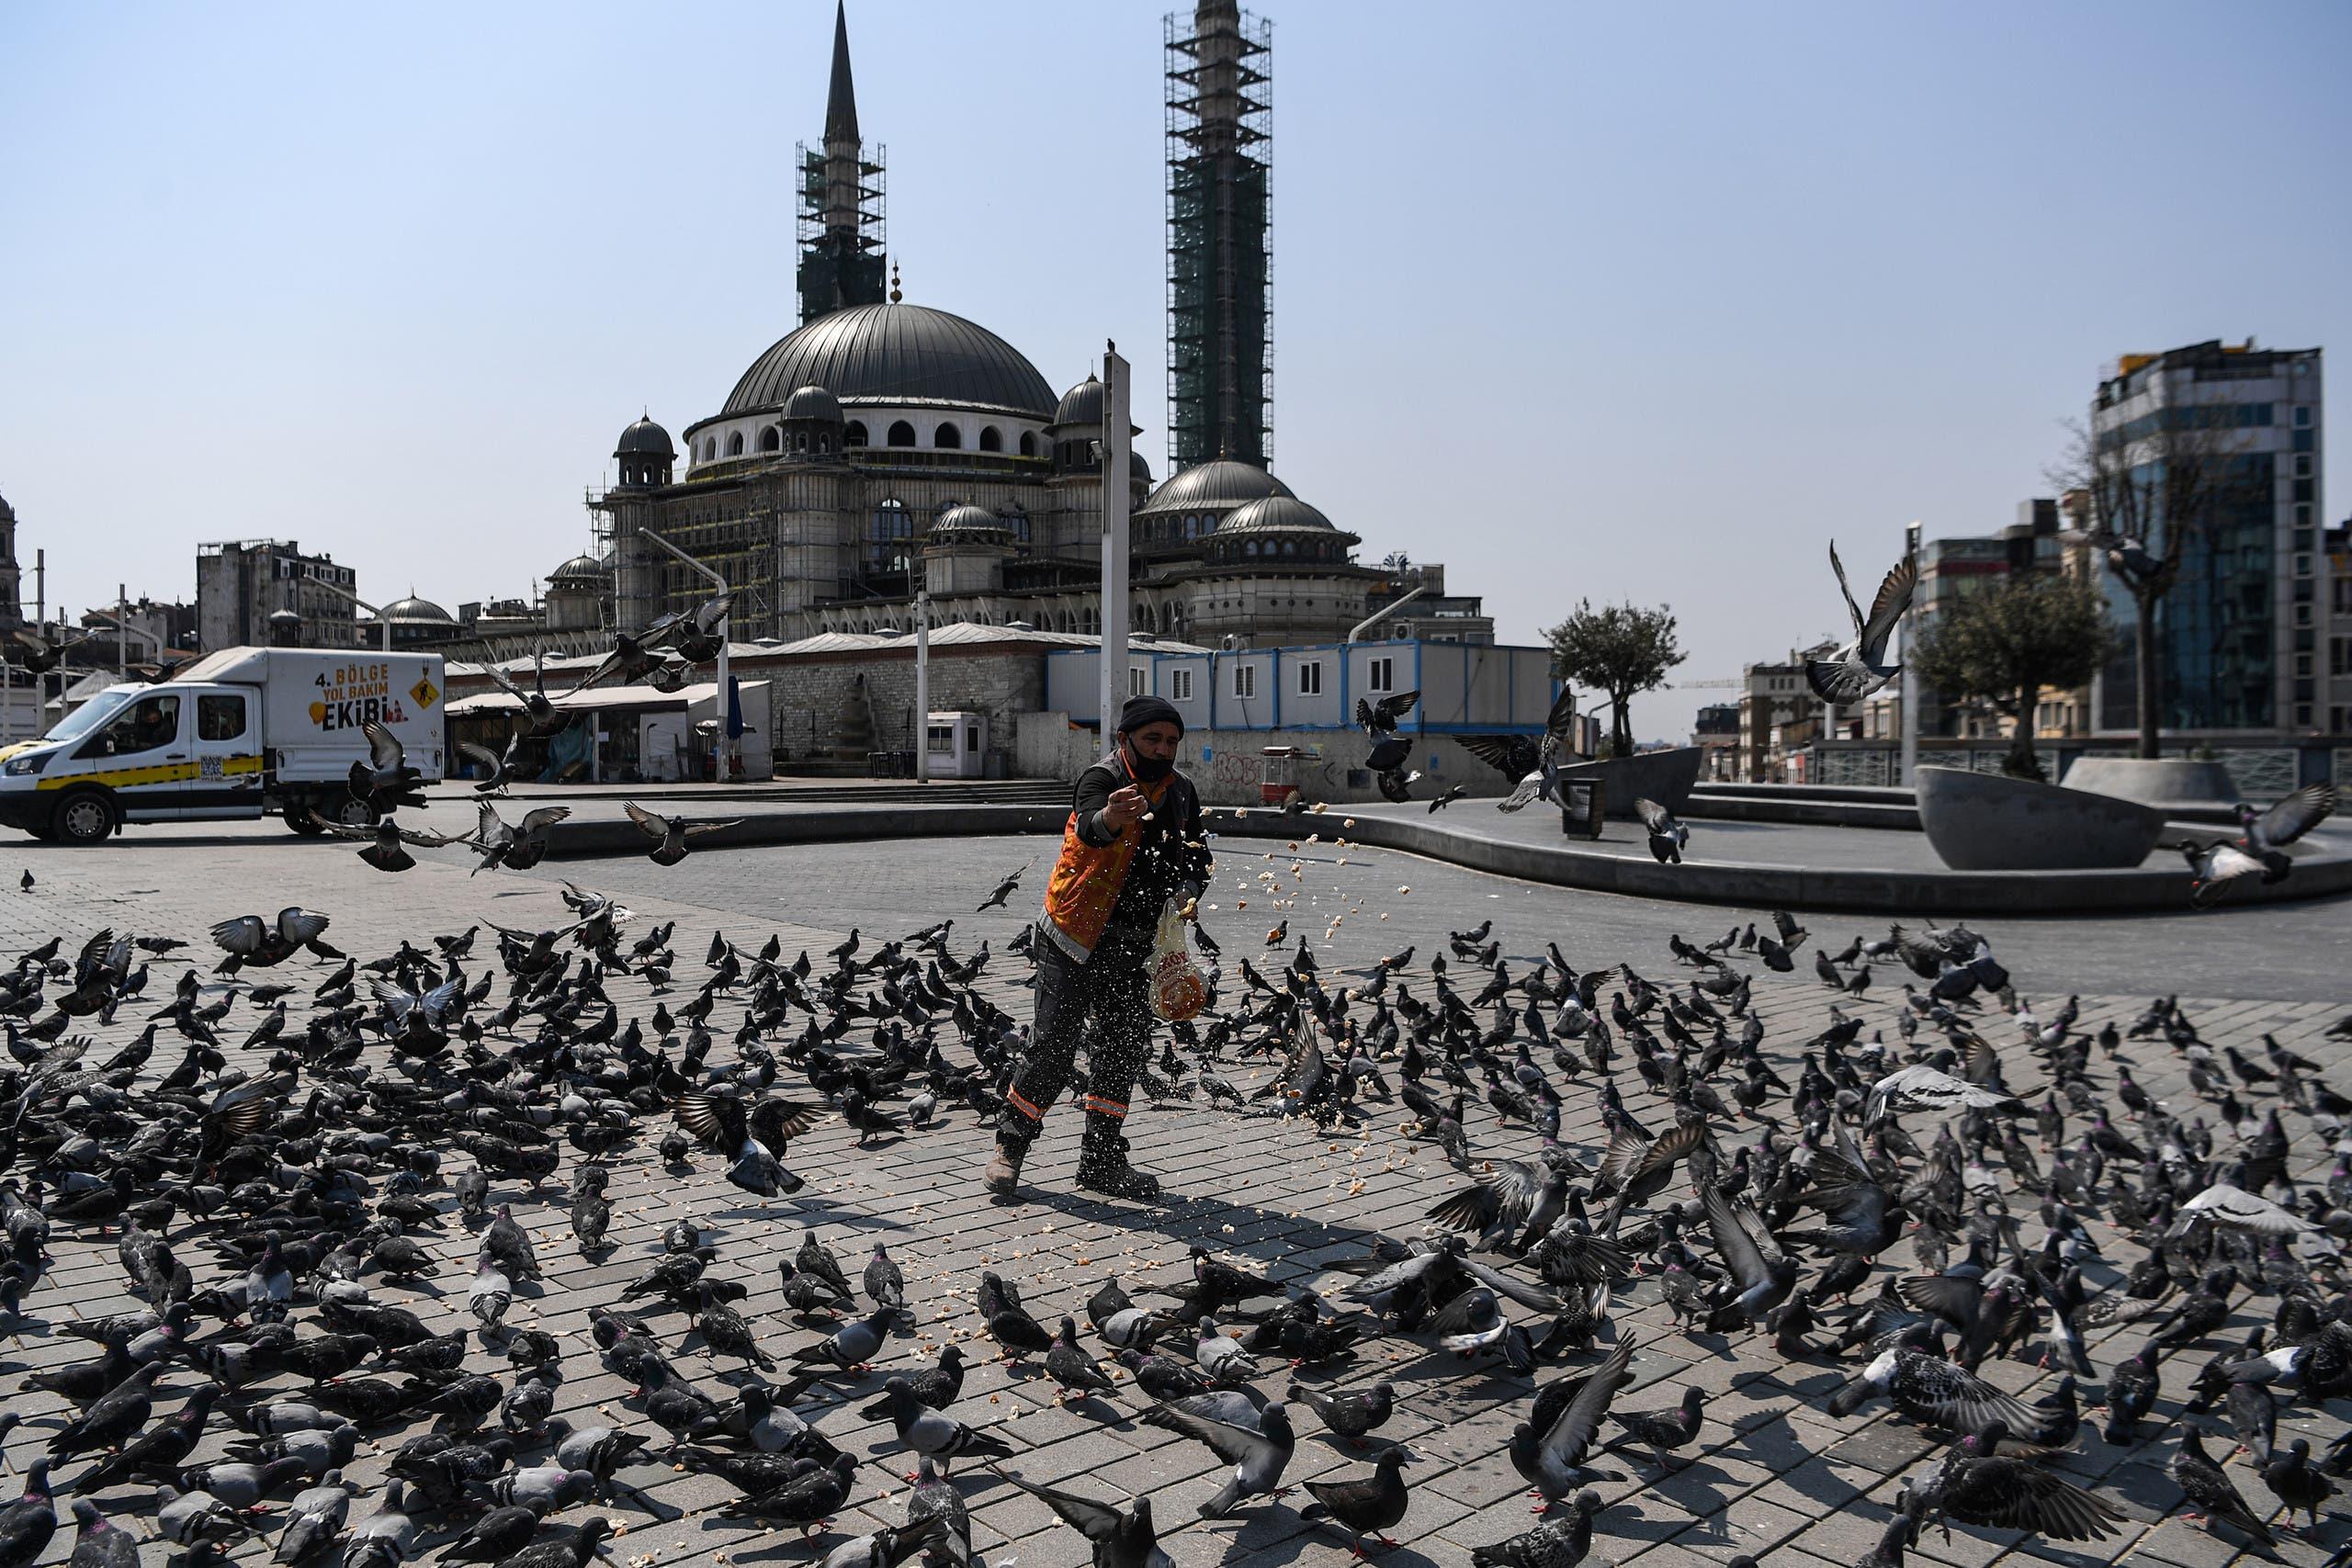 من ساحة تقسيم في تركيا (11 أبريل 2020- فرانس برس)